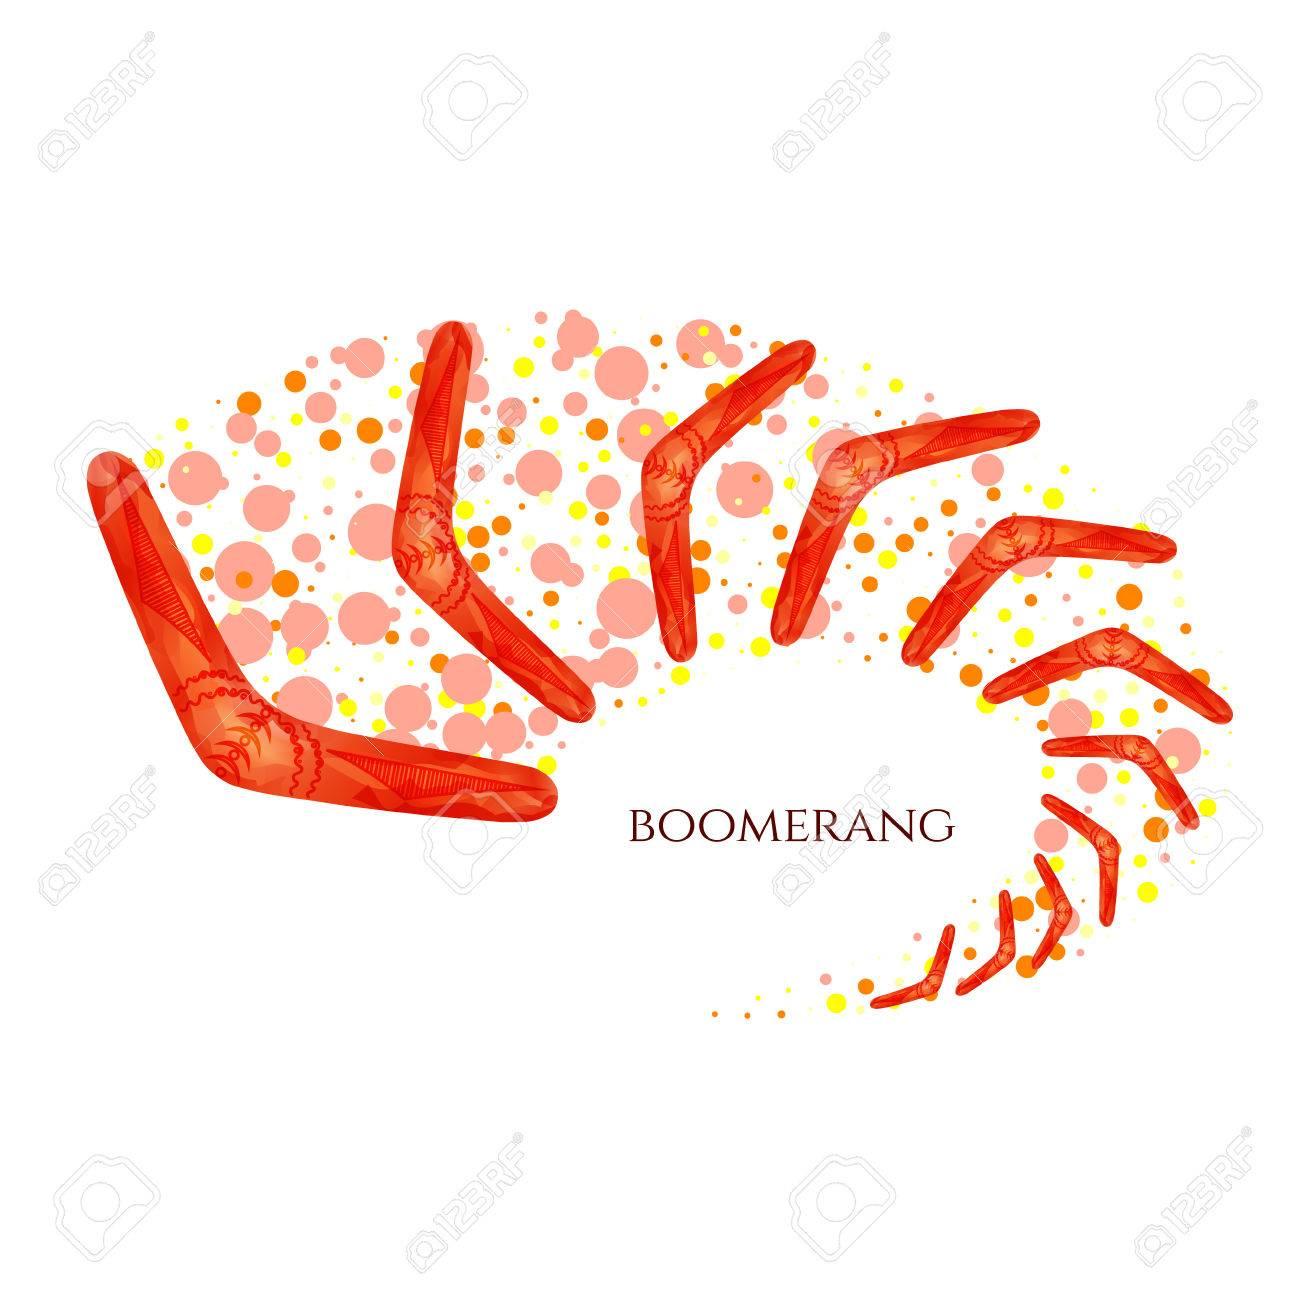 Boomerang In Movement Imitation Of Watercolor Boomerang As A